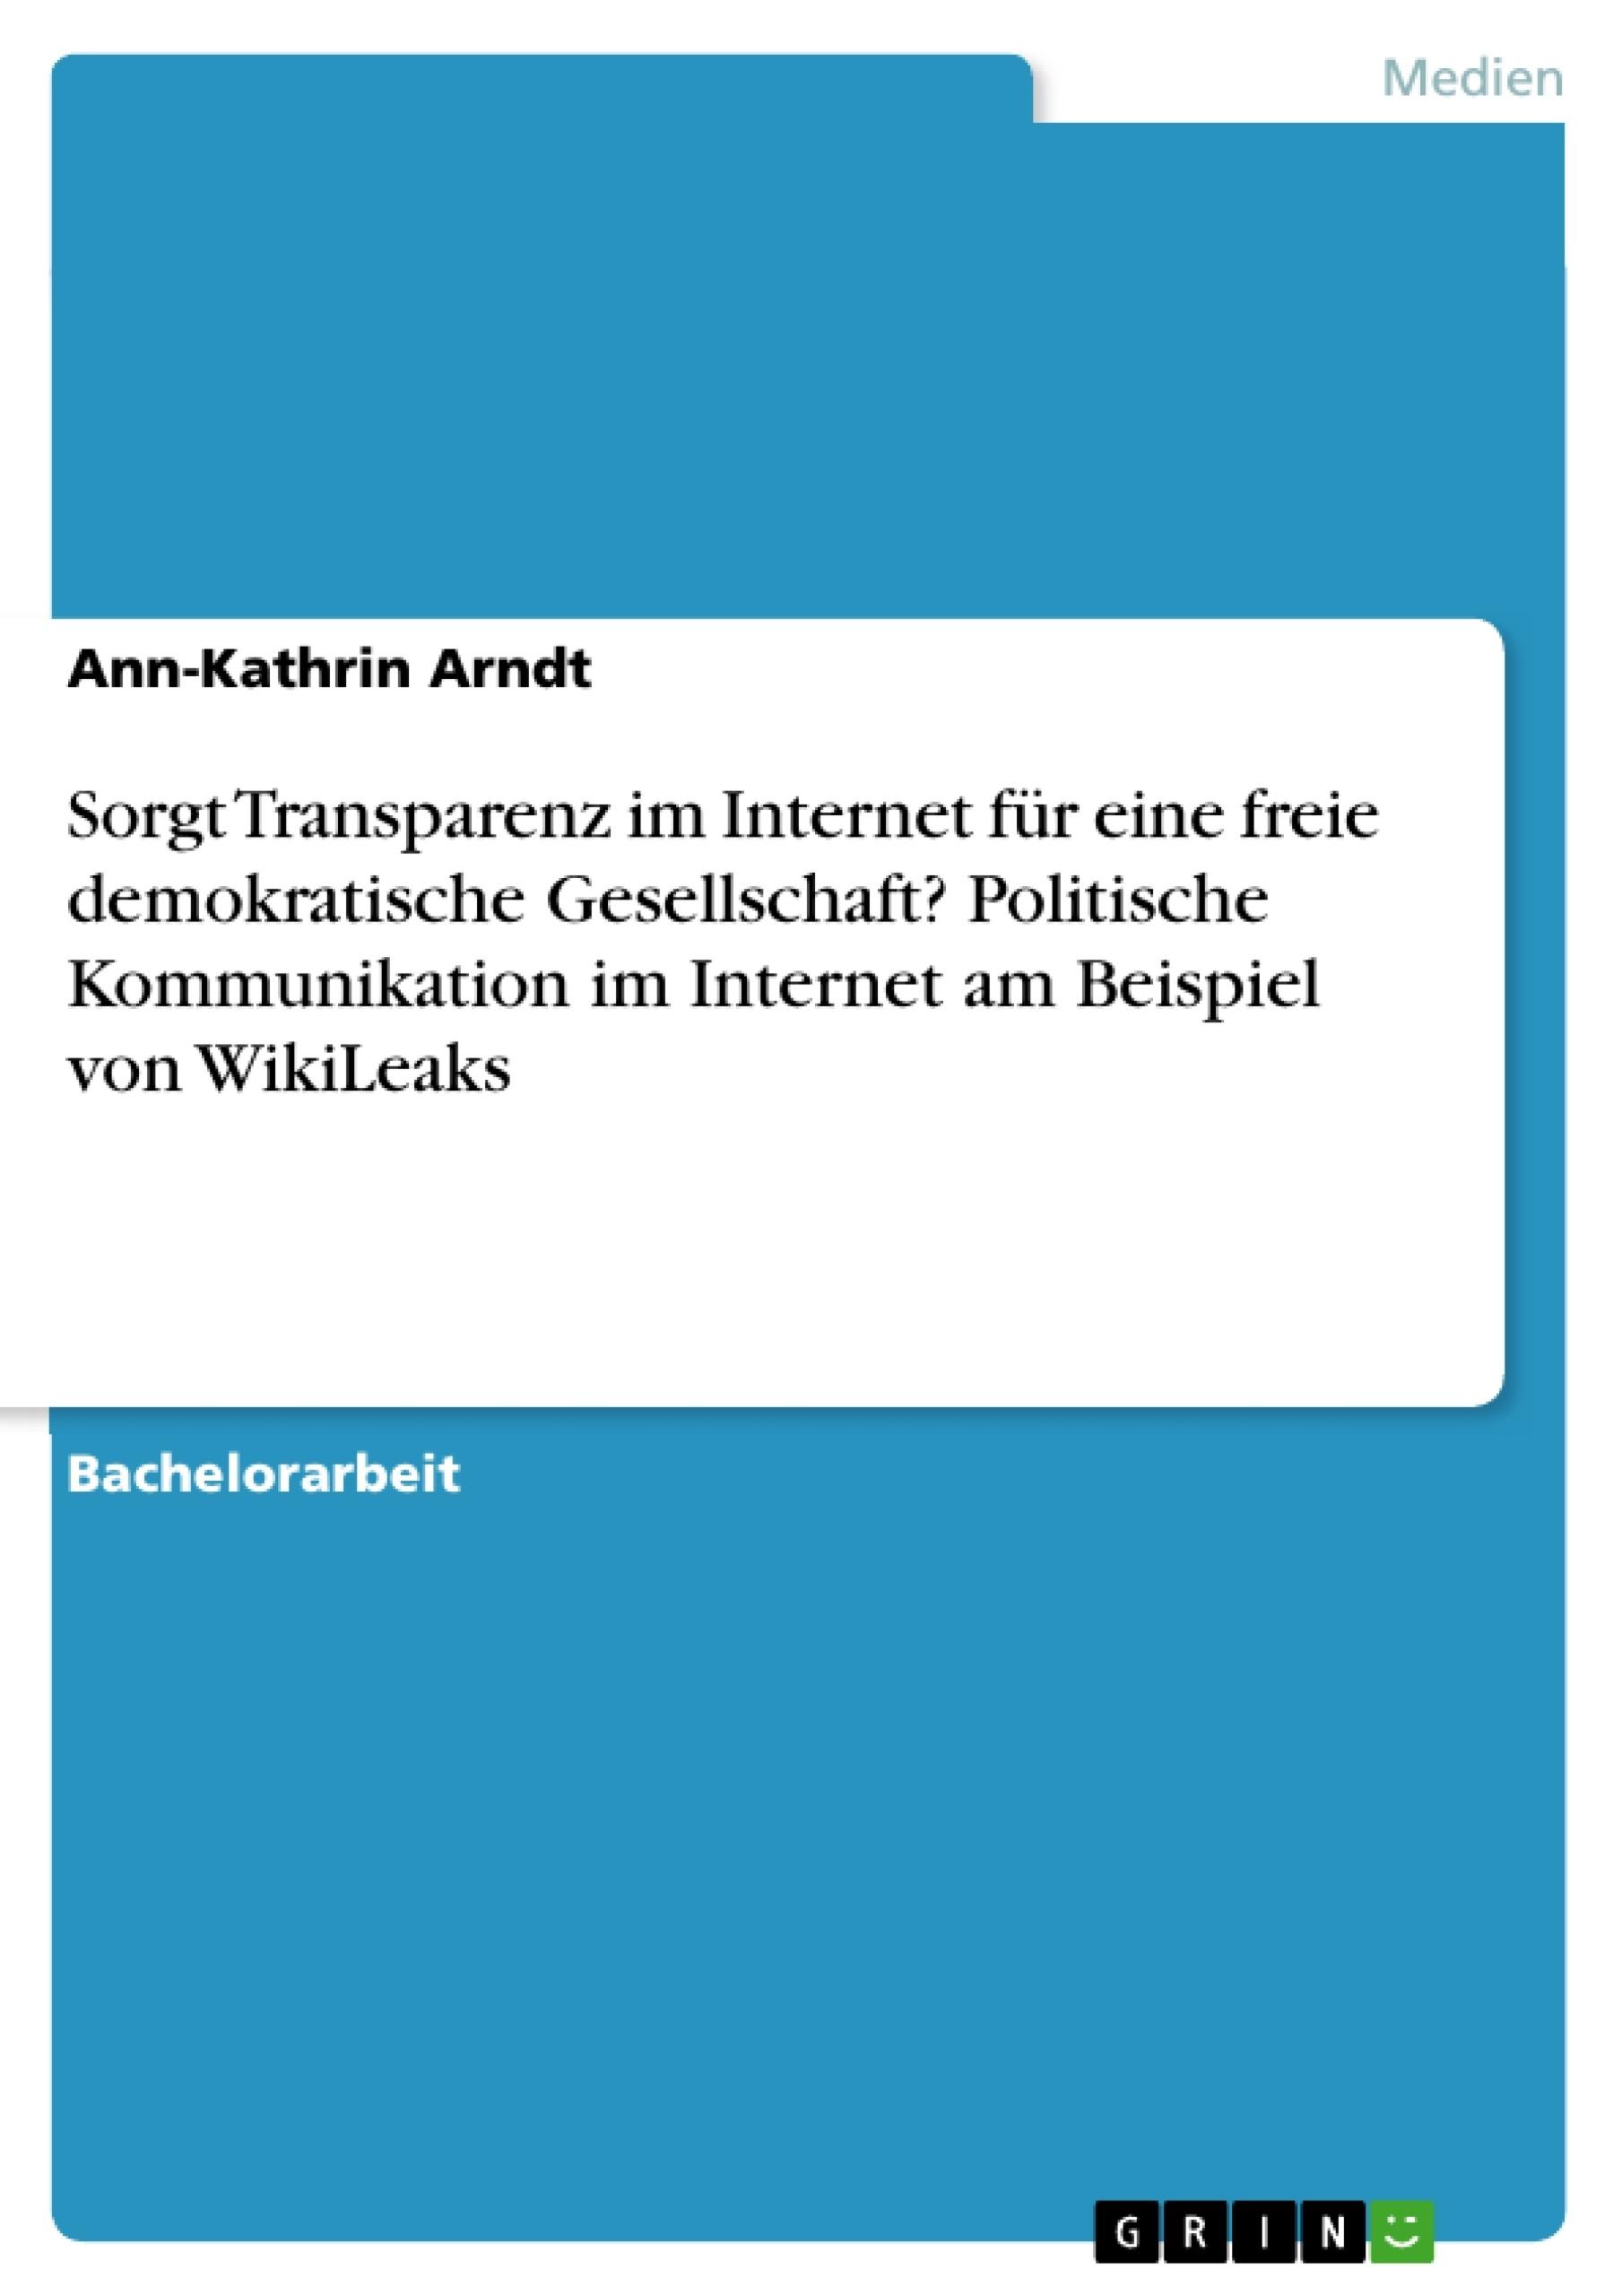 Titel: Sorgt Transparenz im Internet für eine freie demokratische Gesellschaft? Politische Kommunikation im Internet am Beispiel von WikiLeaks